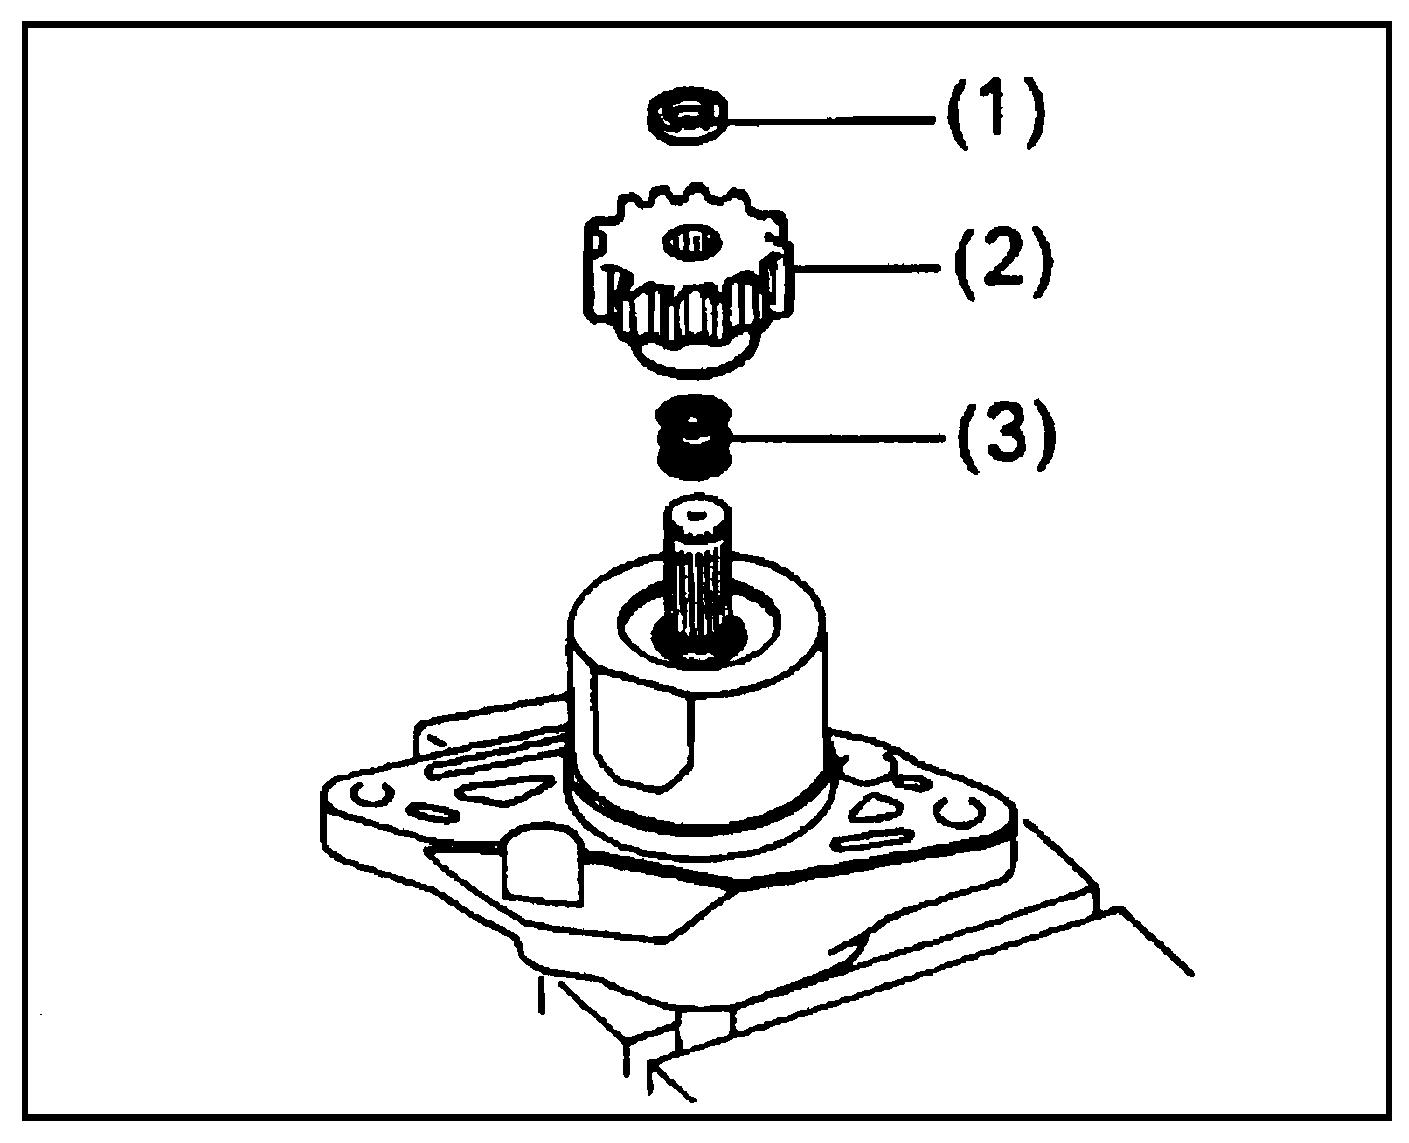 Детали передней крышки стартера